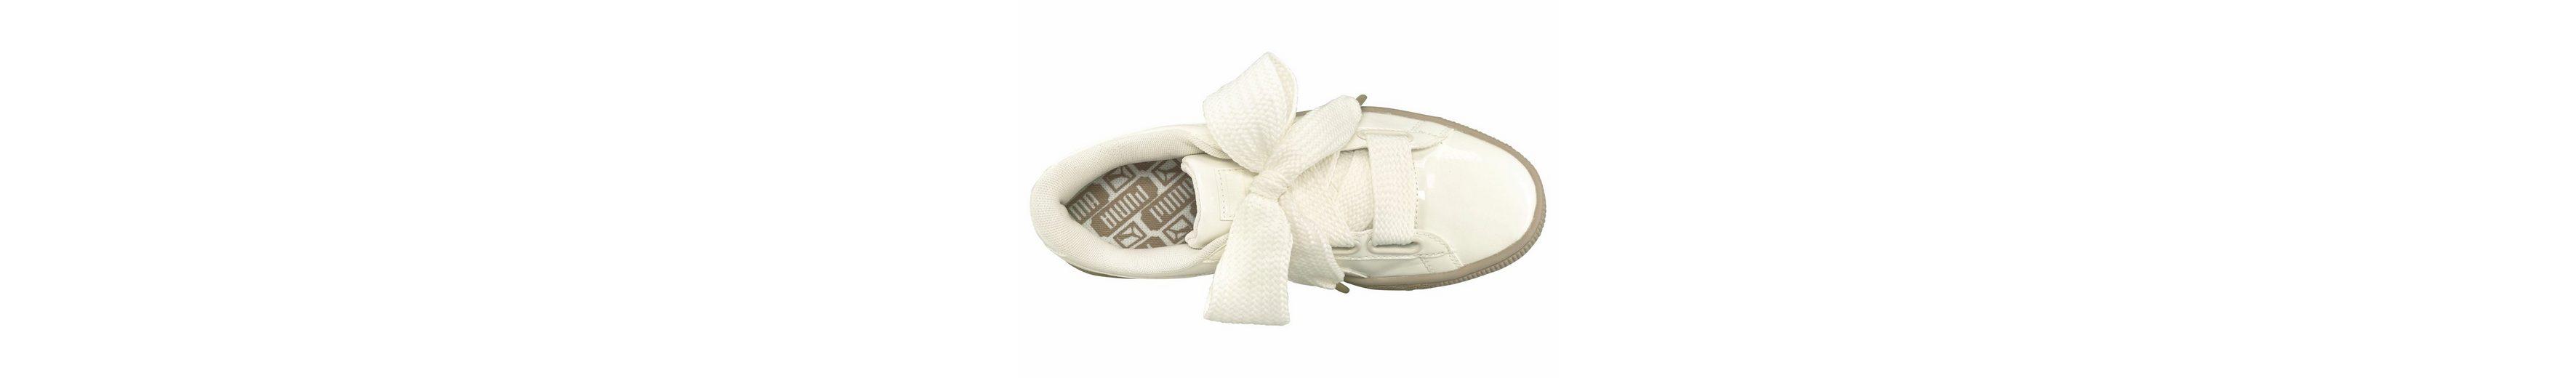 Schnelle Lieferung Verkauf Online PUMA Basket Heart Patent Sneaker Rabatt Beste Preise Rabatt Finish uyt1ic1kTp